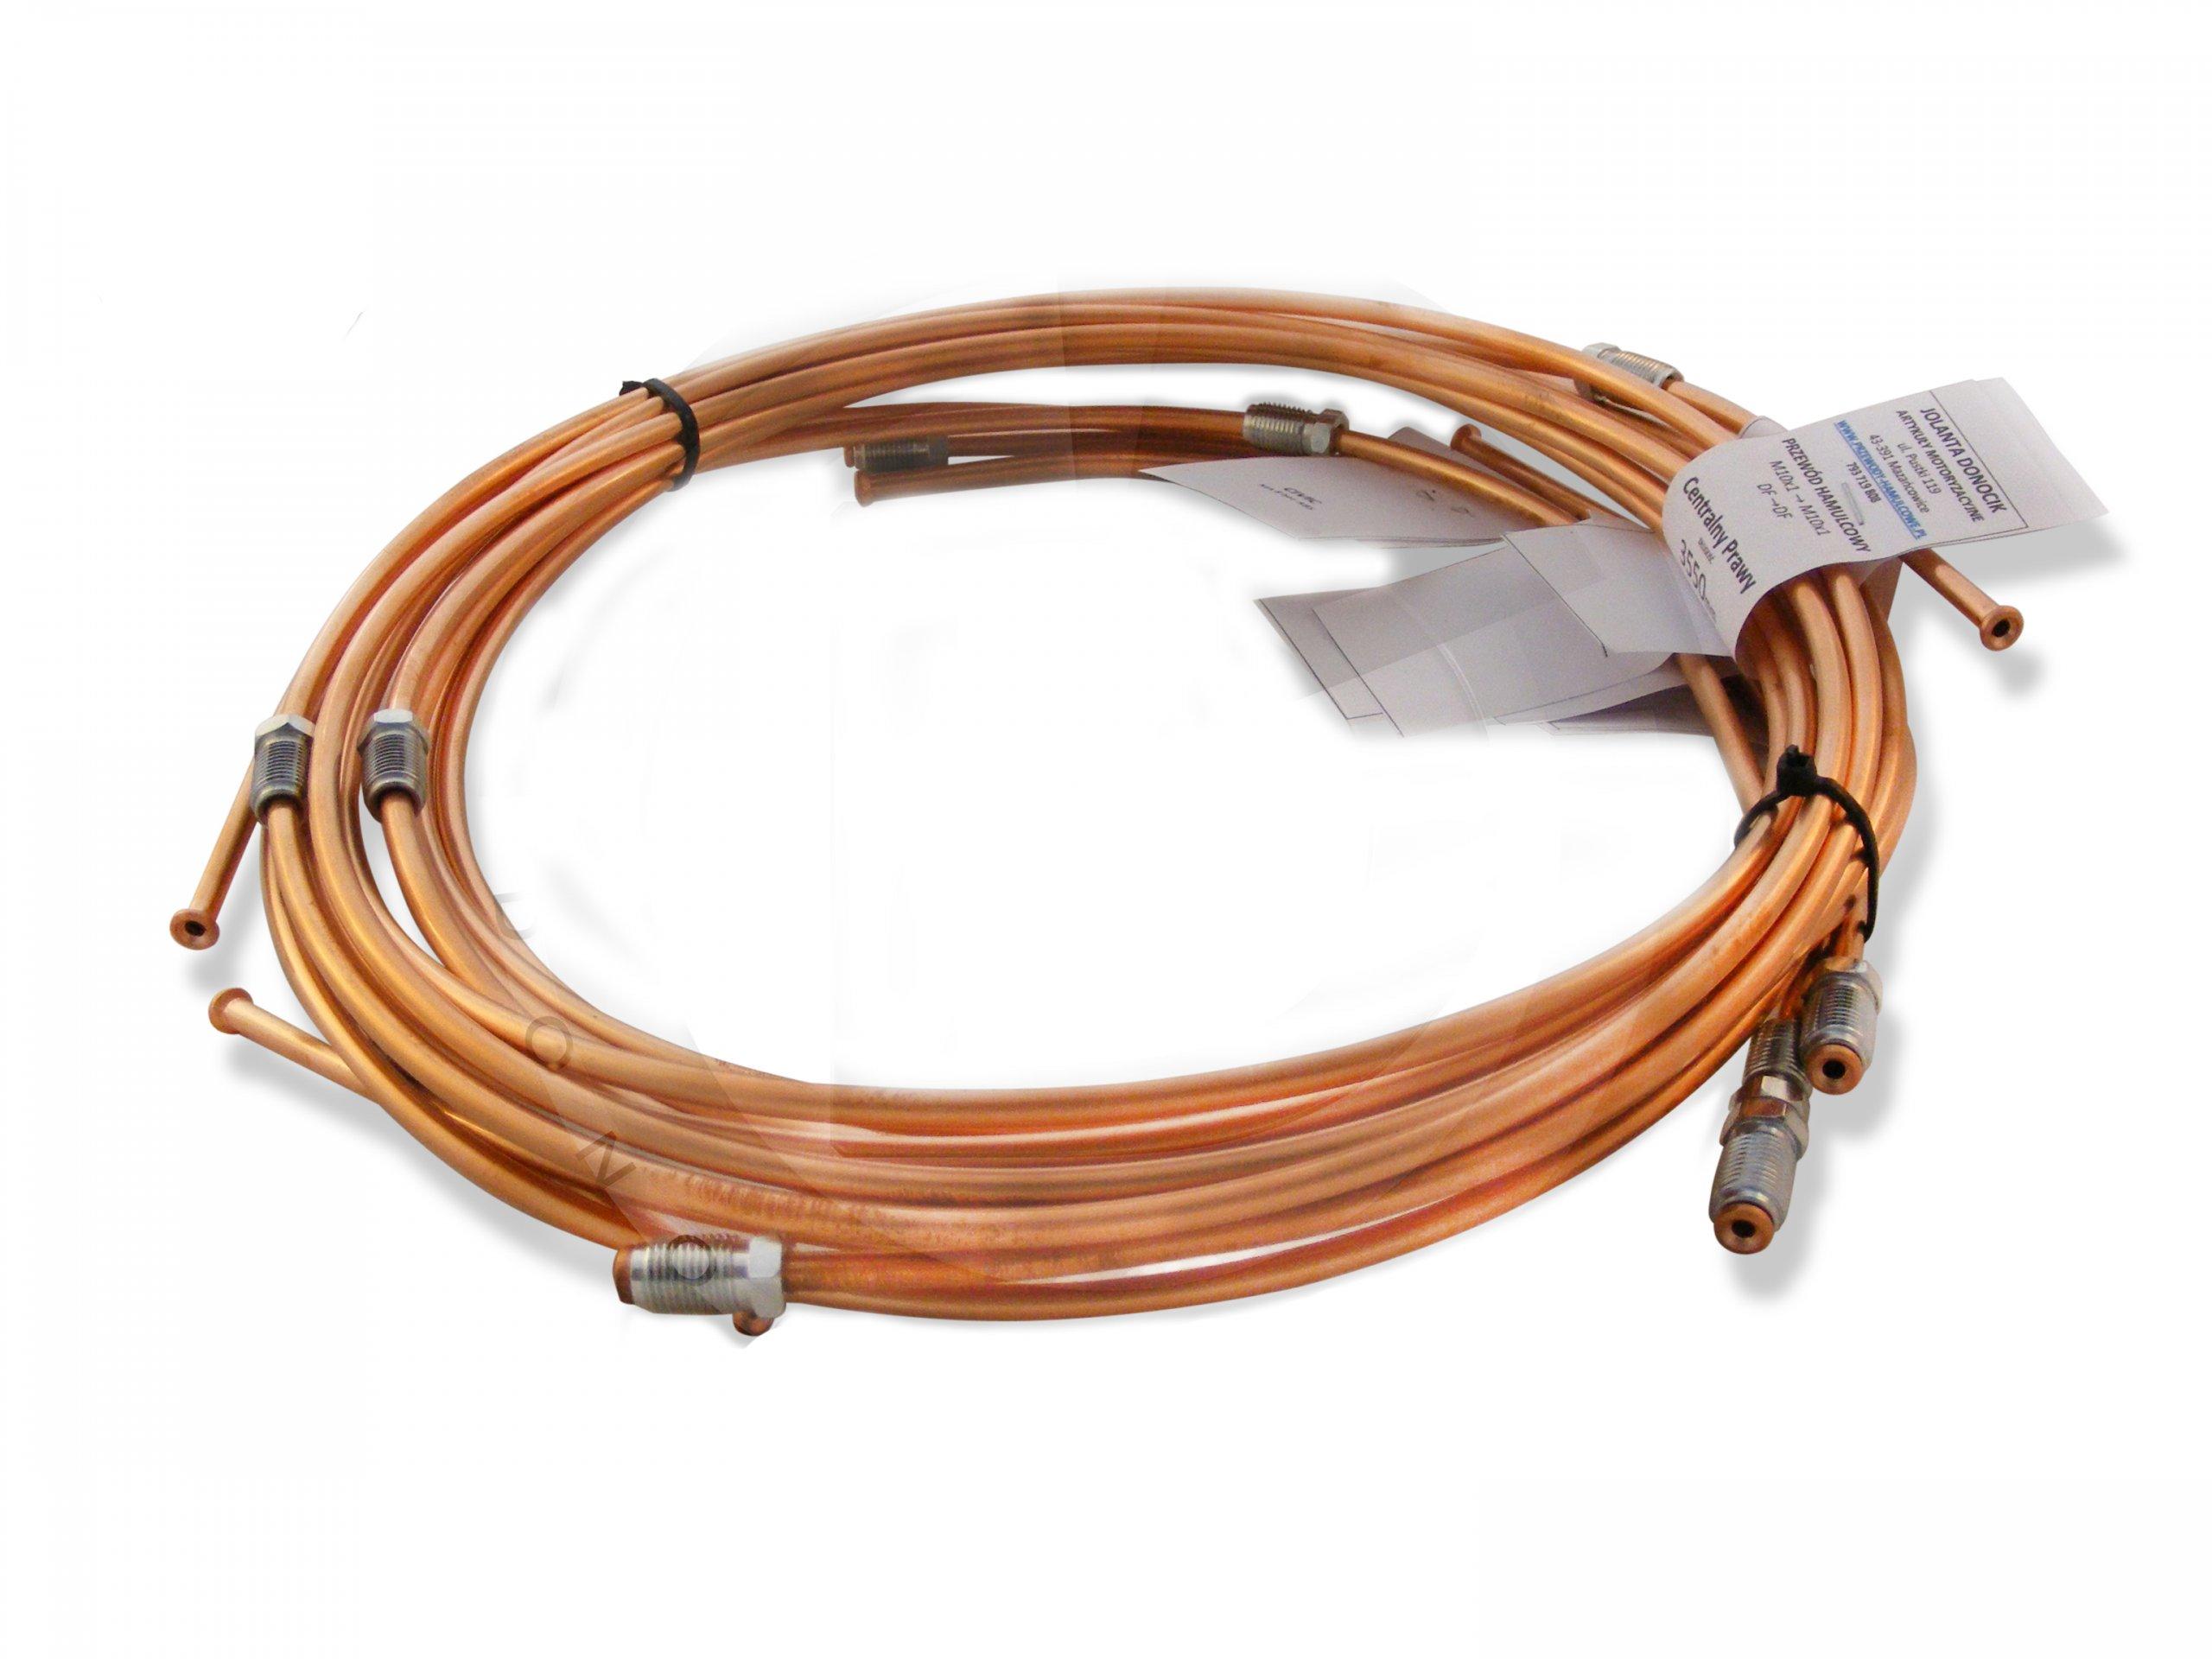 провода колодки жесткие astra g диски комплект